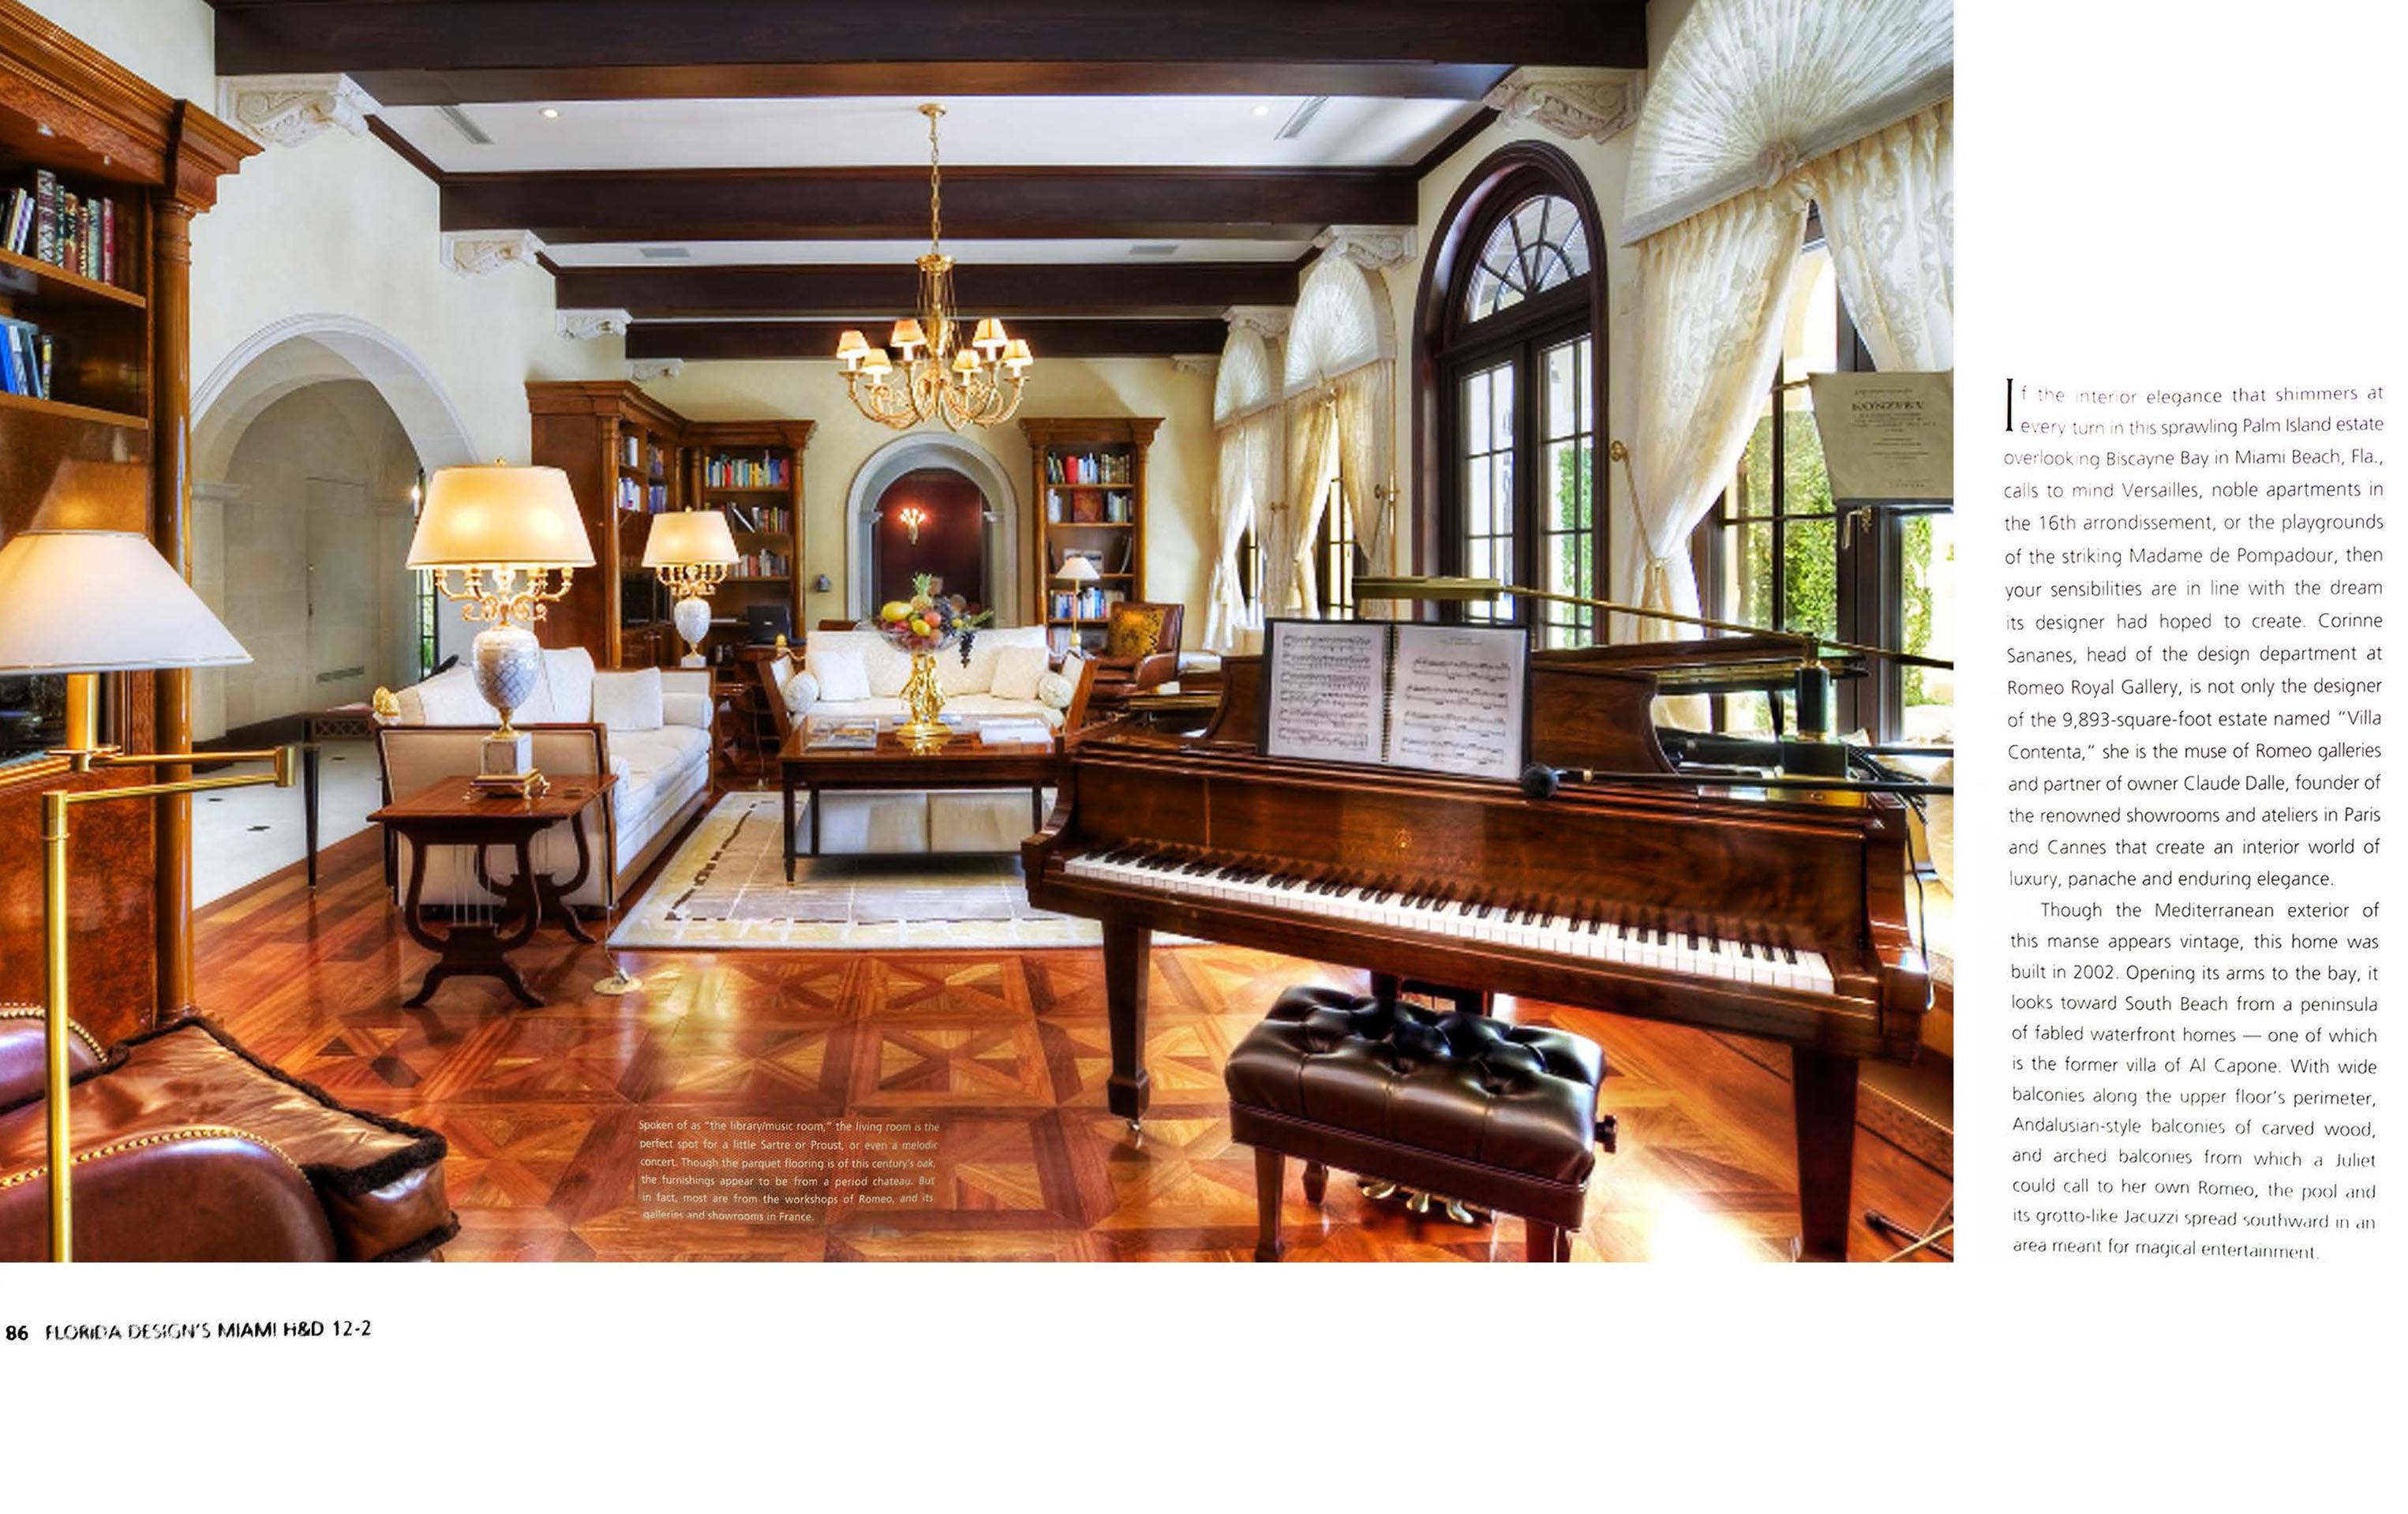 FLORIDA DESIGN'S MIAMI HOME AND DÉCOR | Miami Design Villa